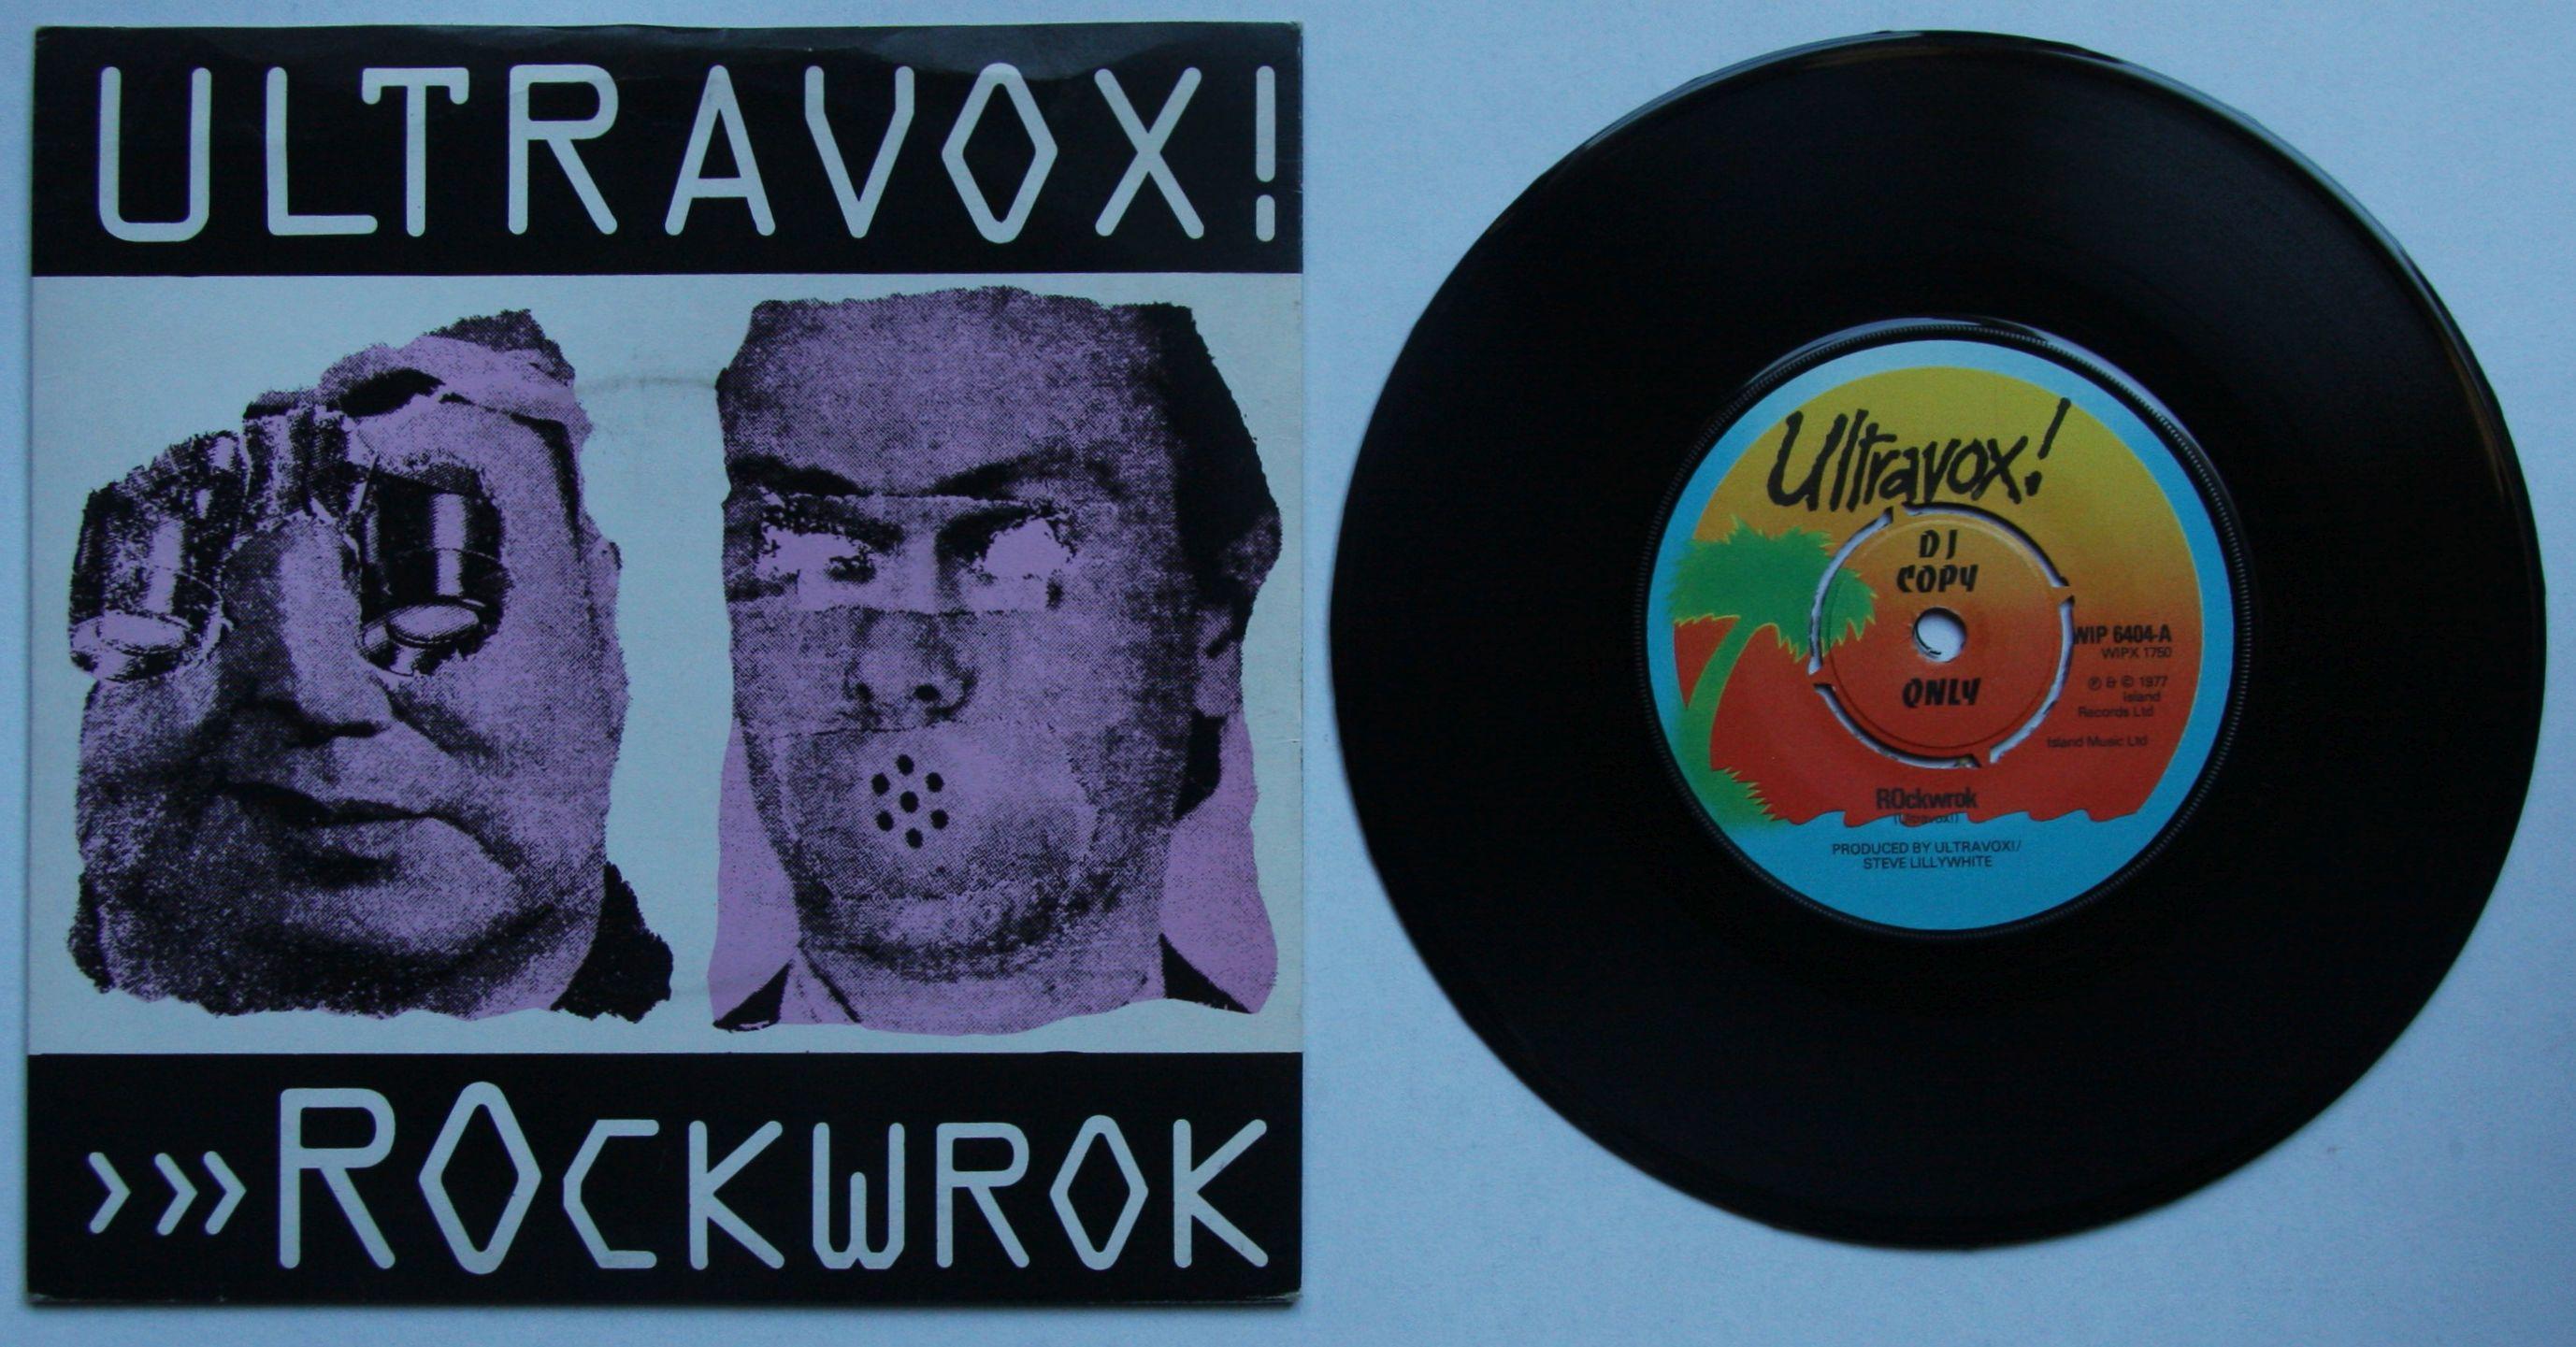 Rockwrok